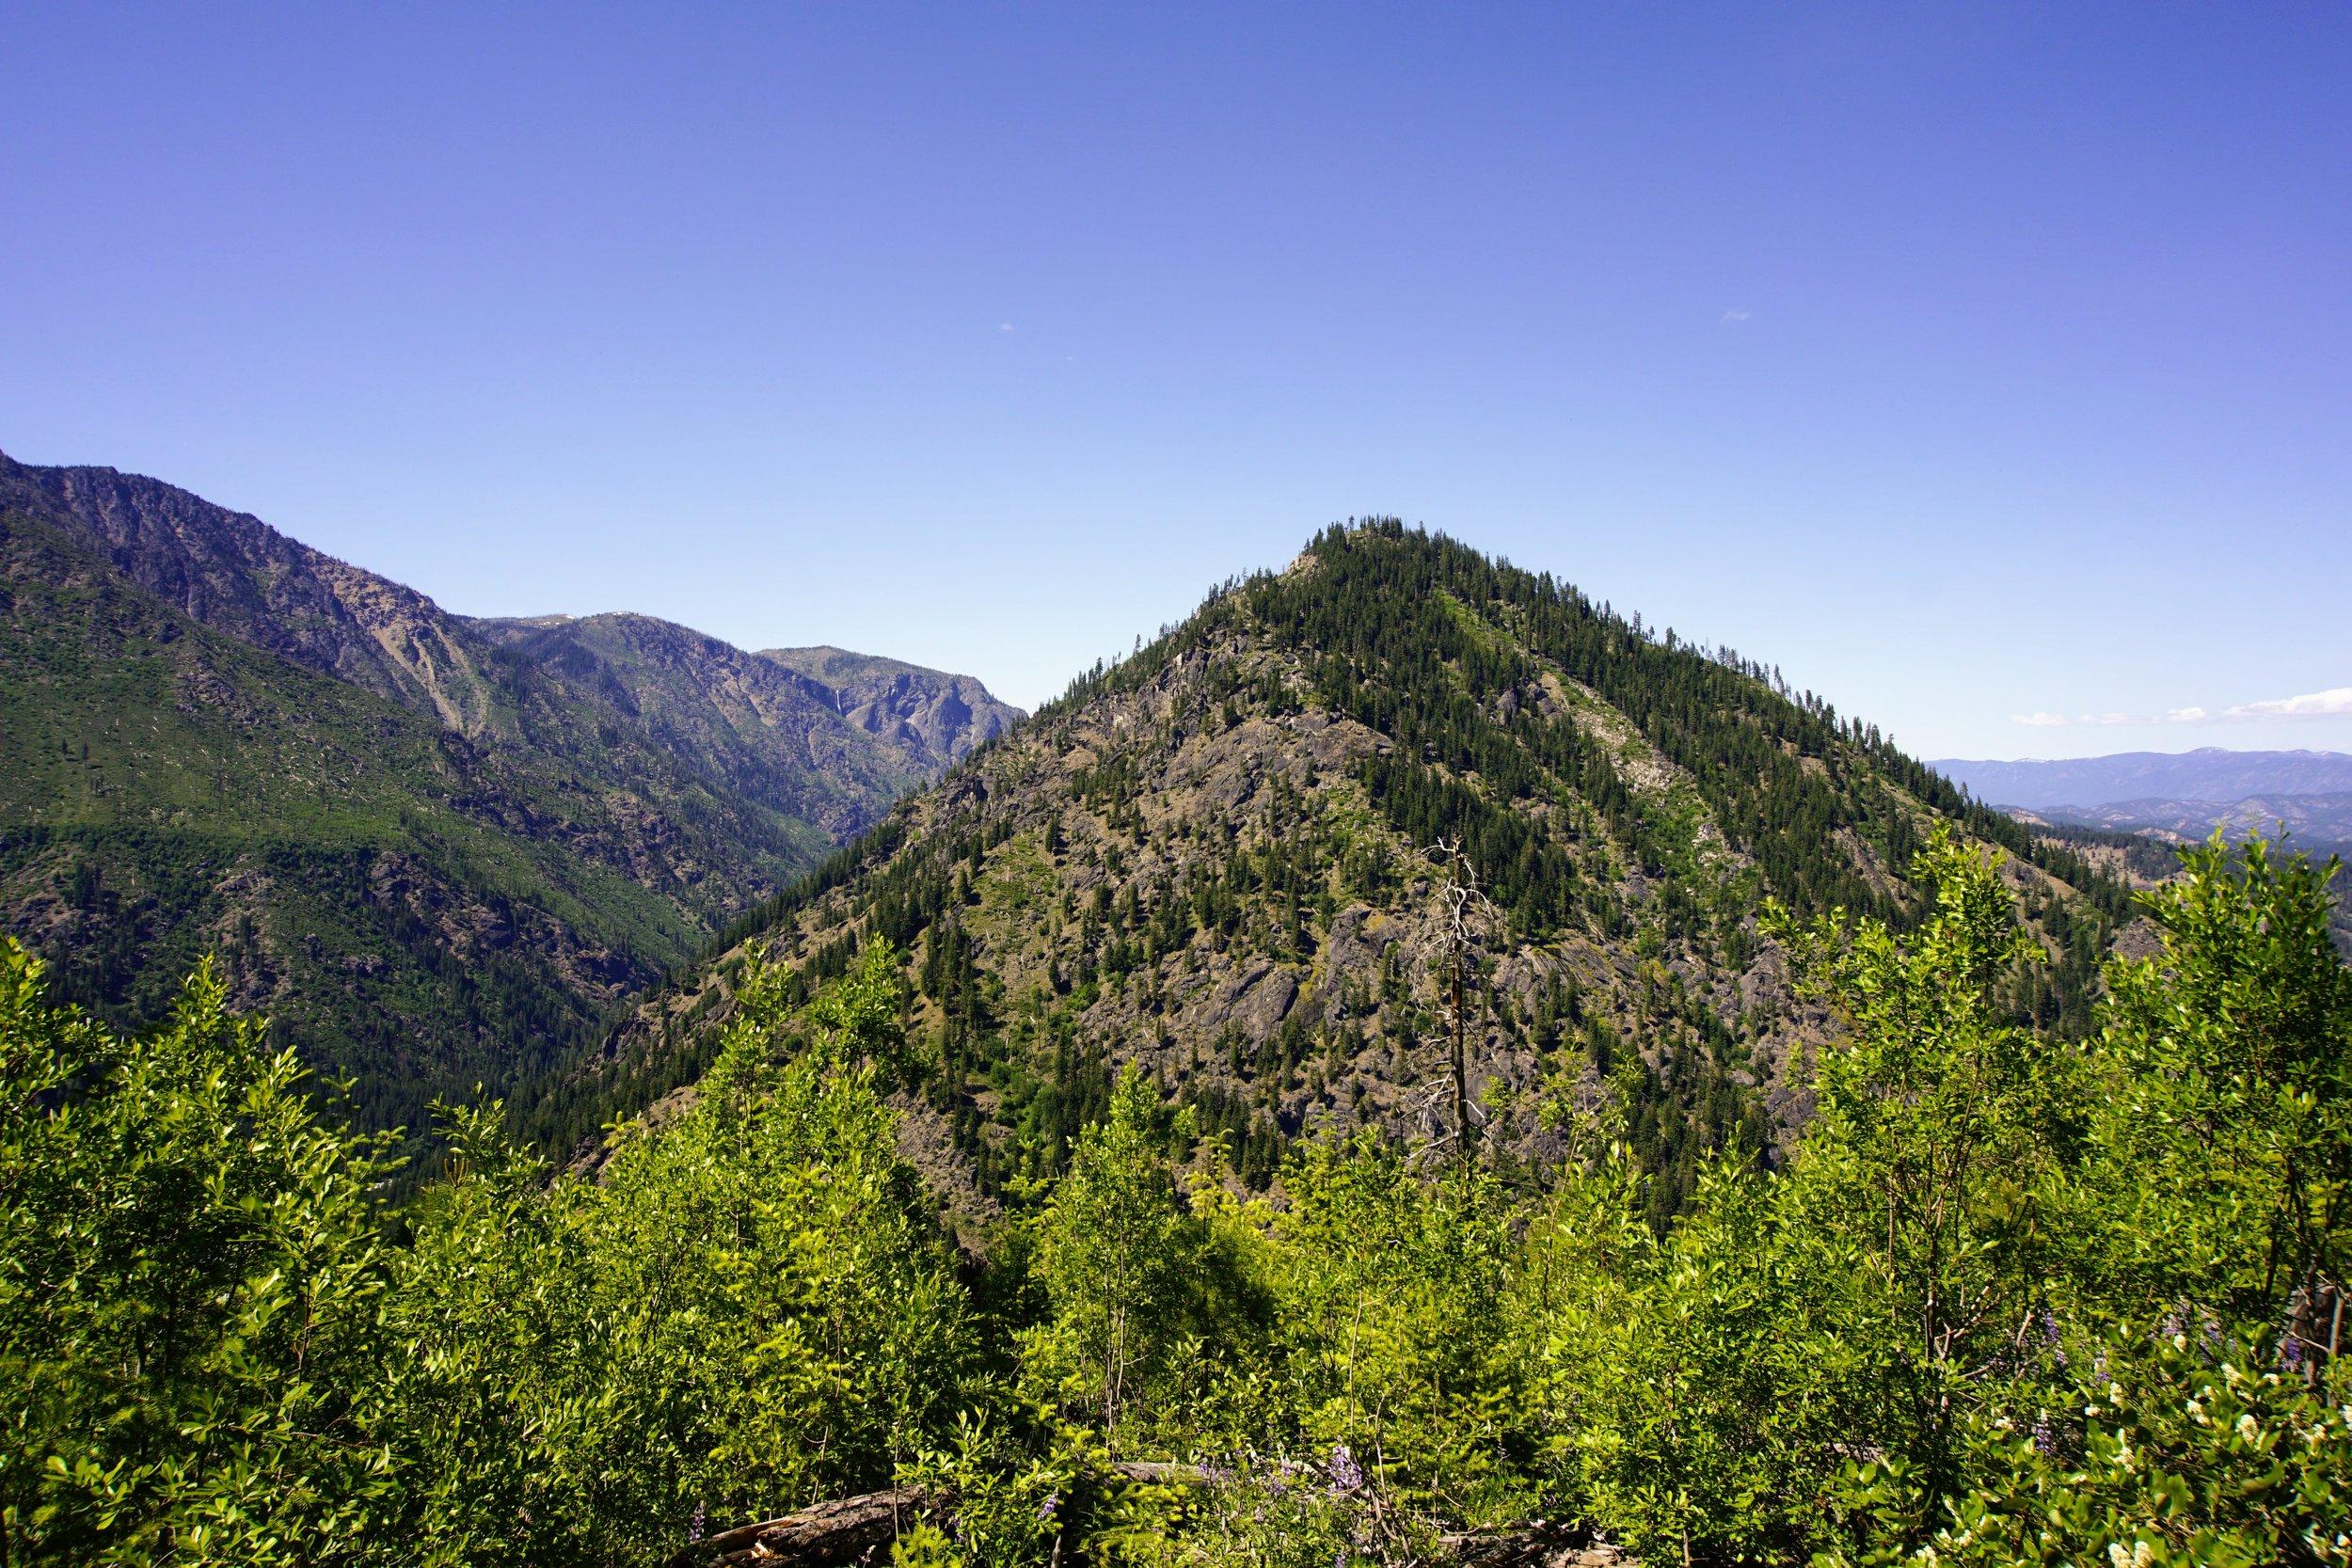 Mountain top across the river